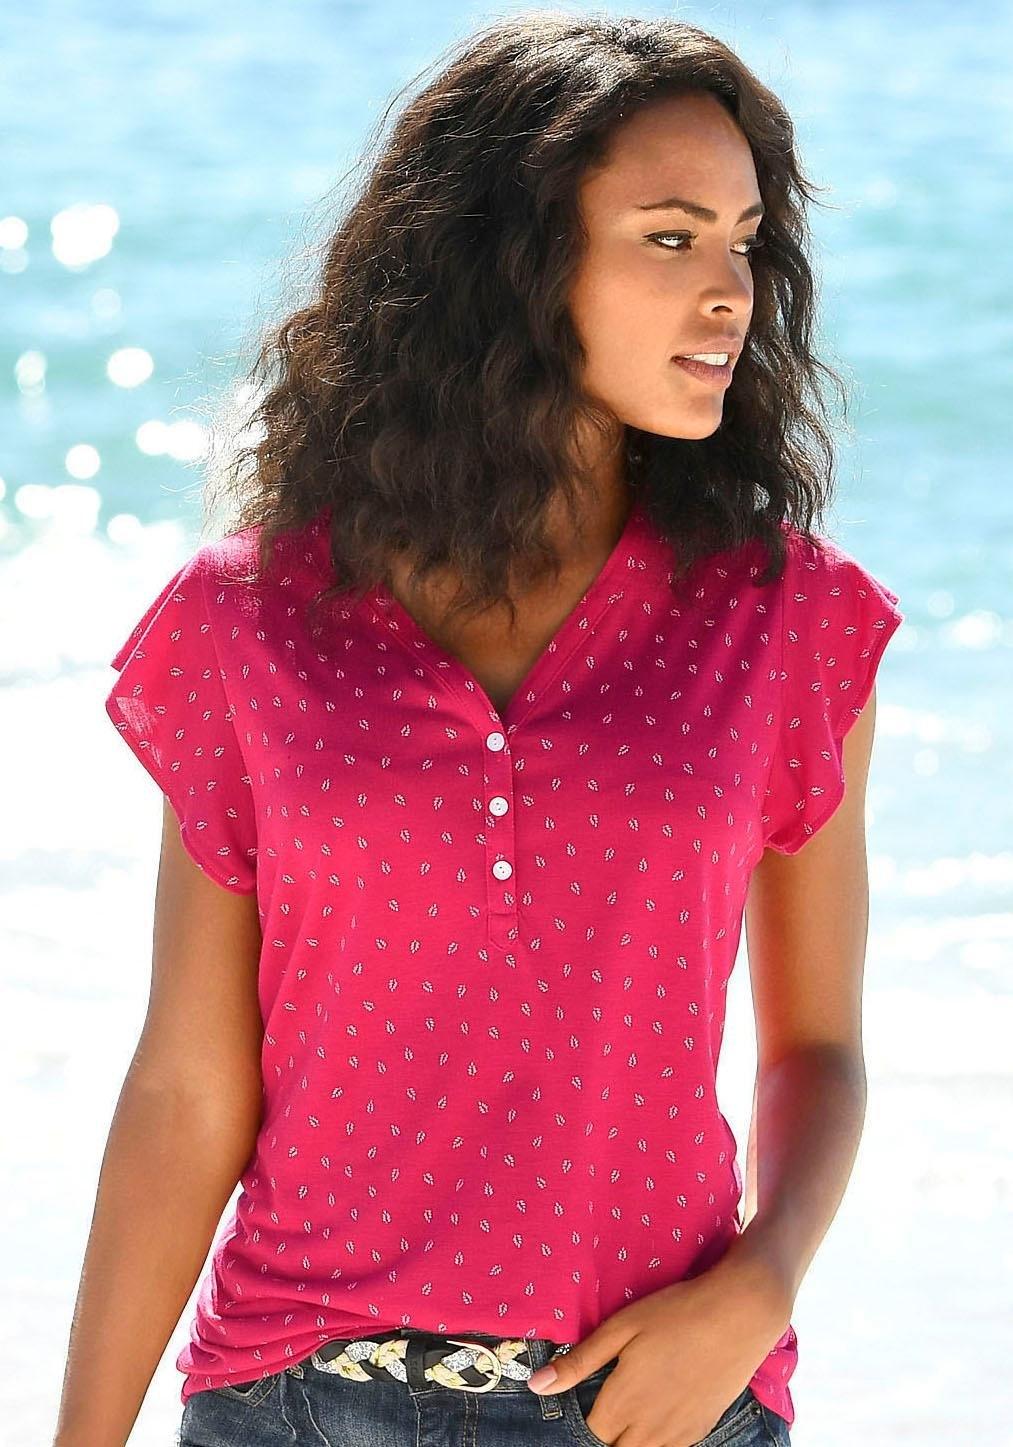 LASCANA shirttop voordelig en veilig online kopen